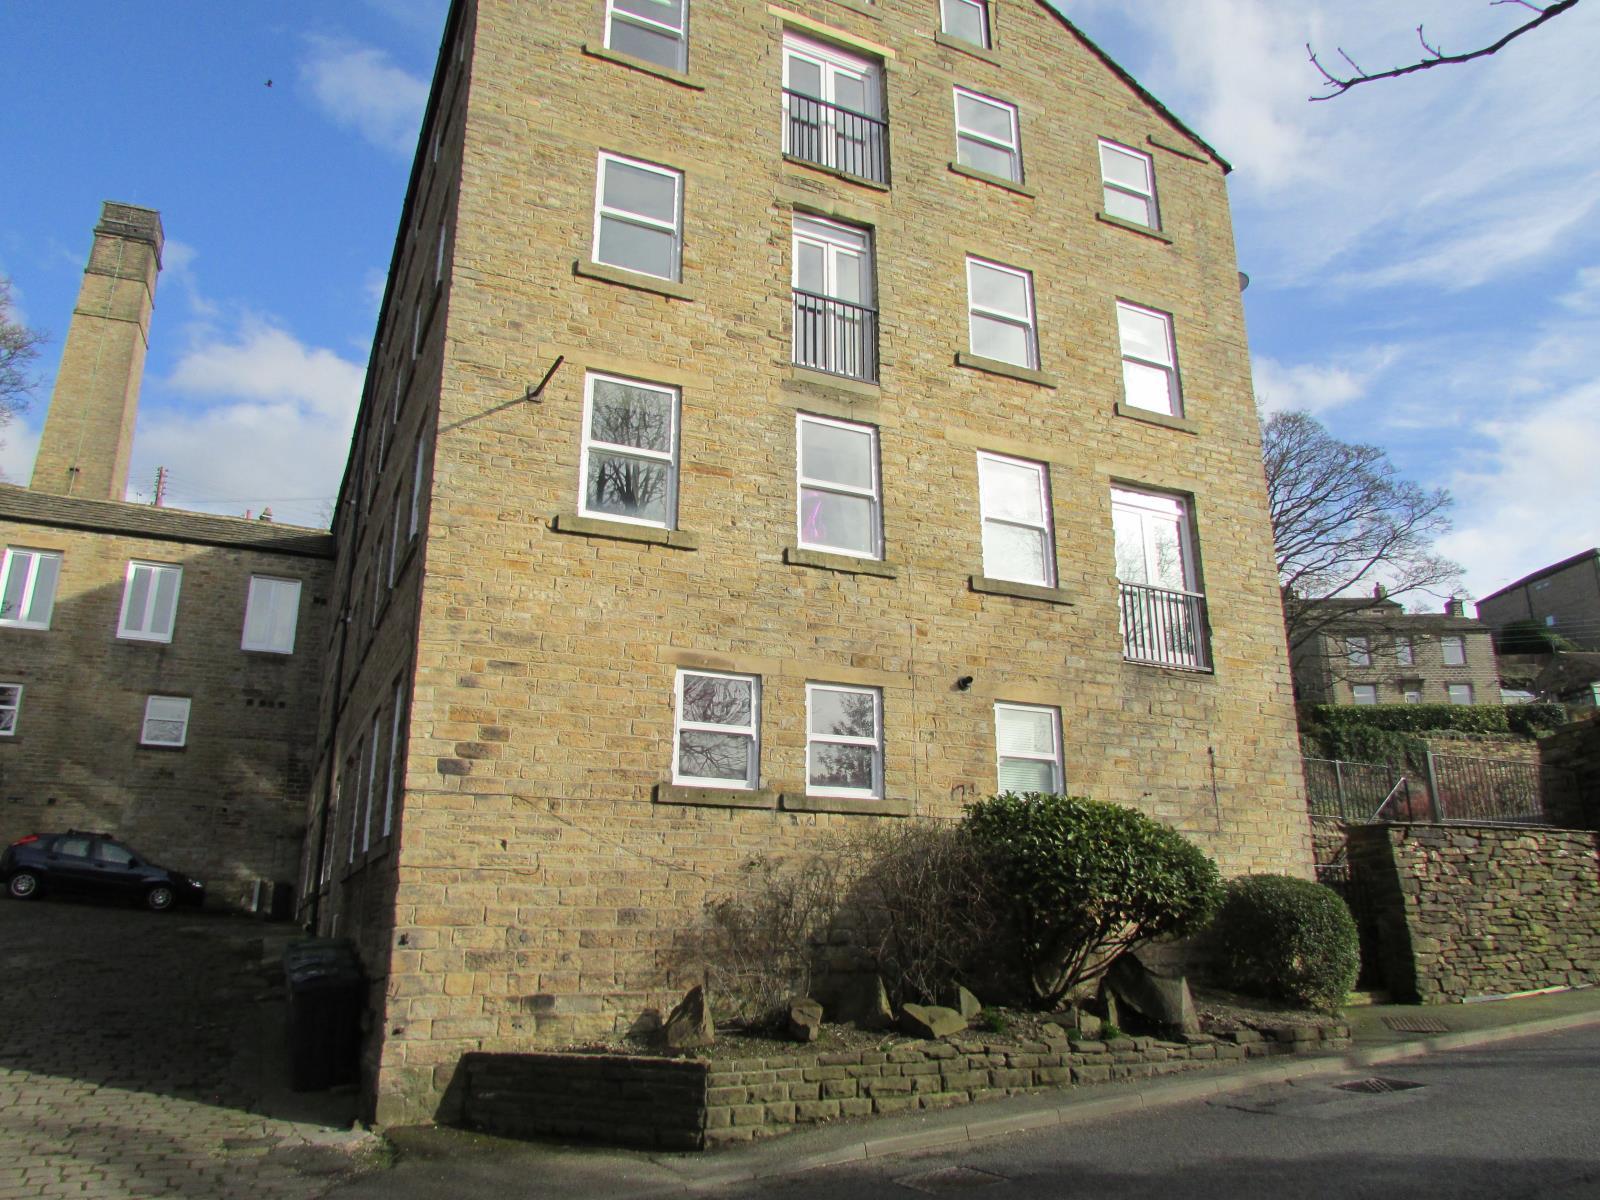 115 Dunford Road, Holmfirth, West Yorkshire HD9 2AR, UK